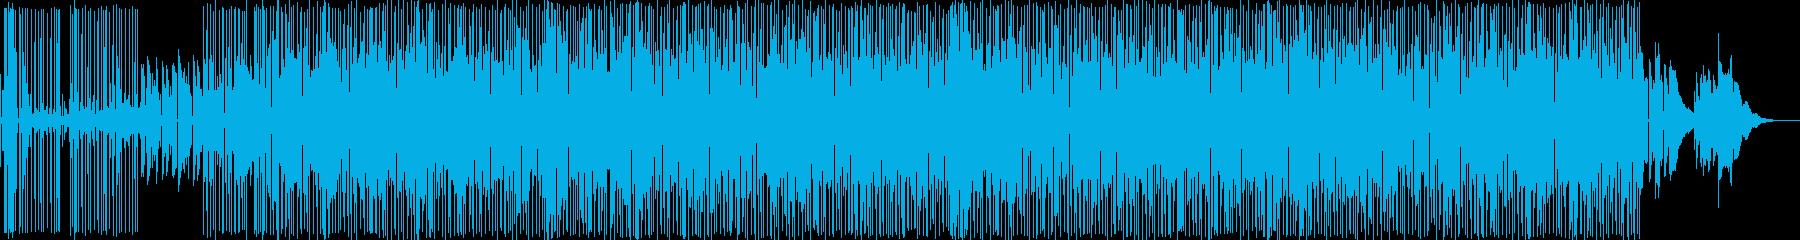 穏やかな雰囲気の映像にピッタリの楽曲ですの再生済みの波形